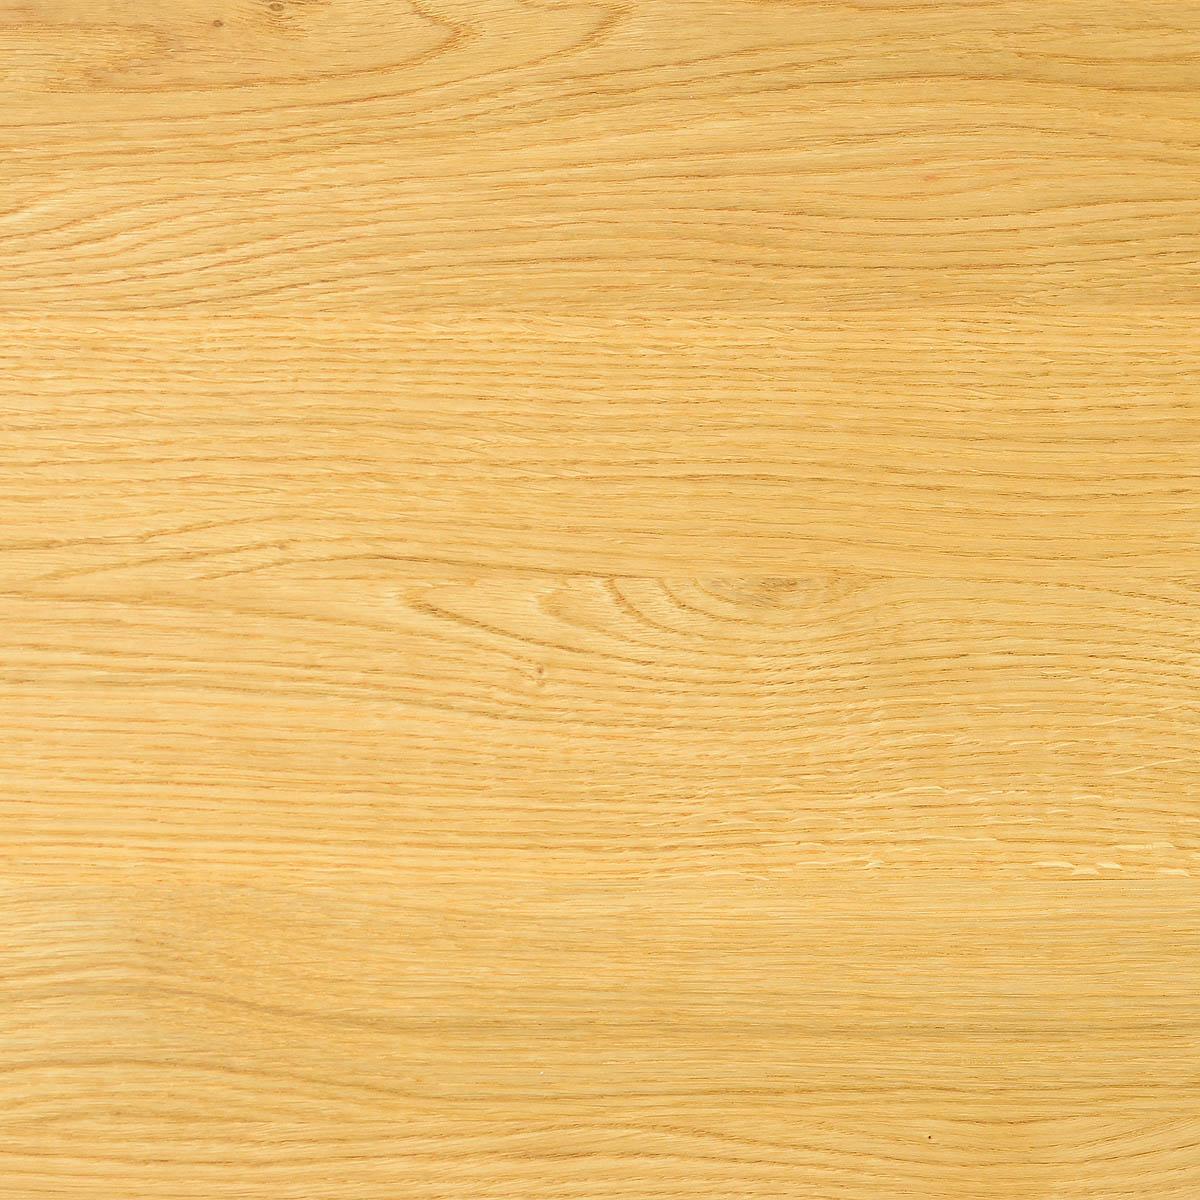 Schody drewniane - Białystok - dąb